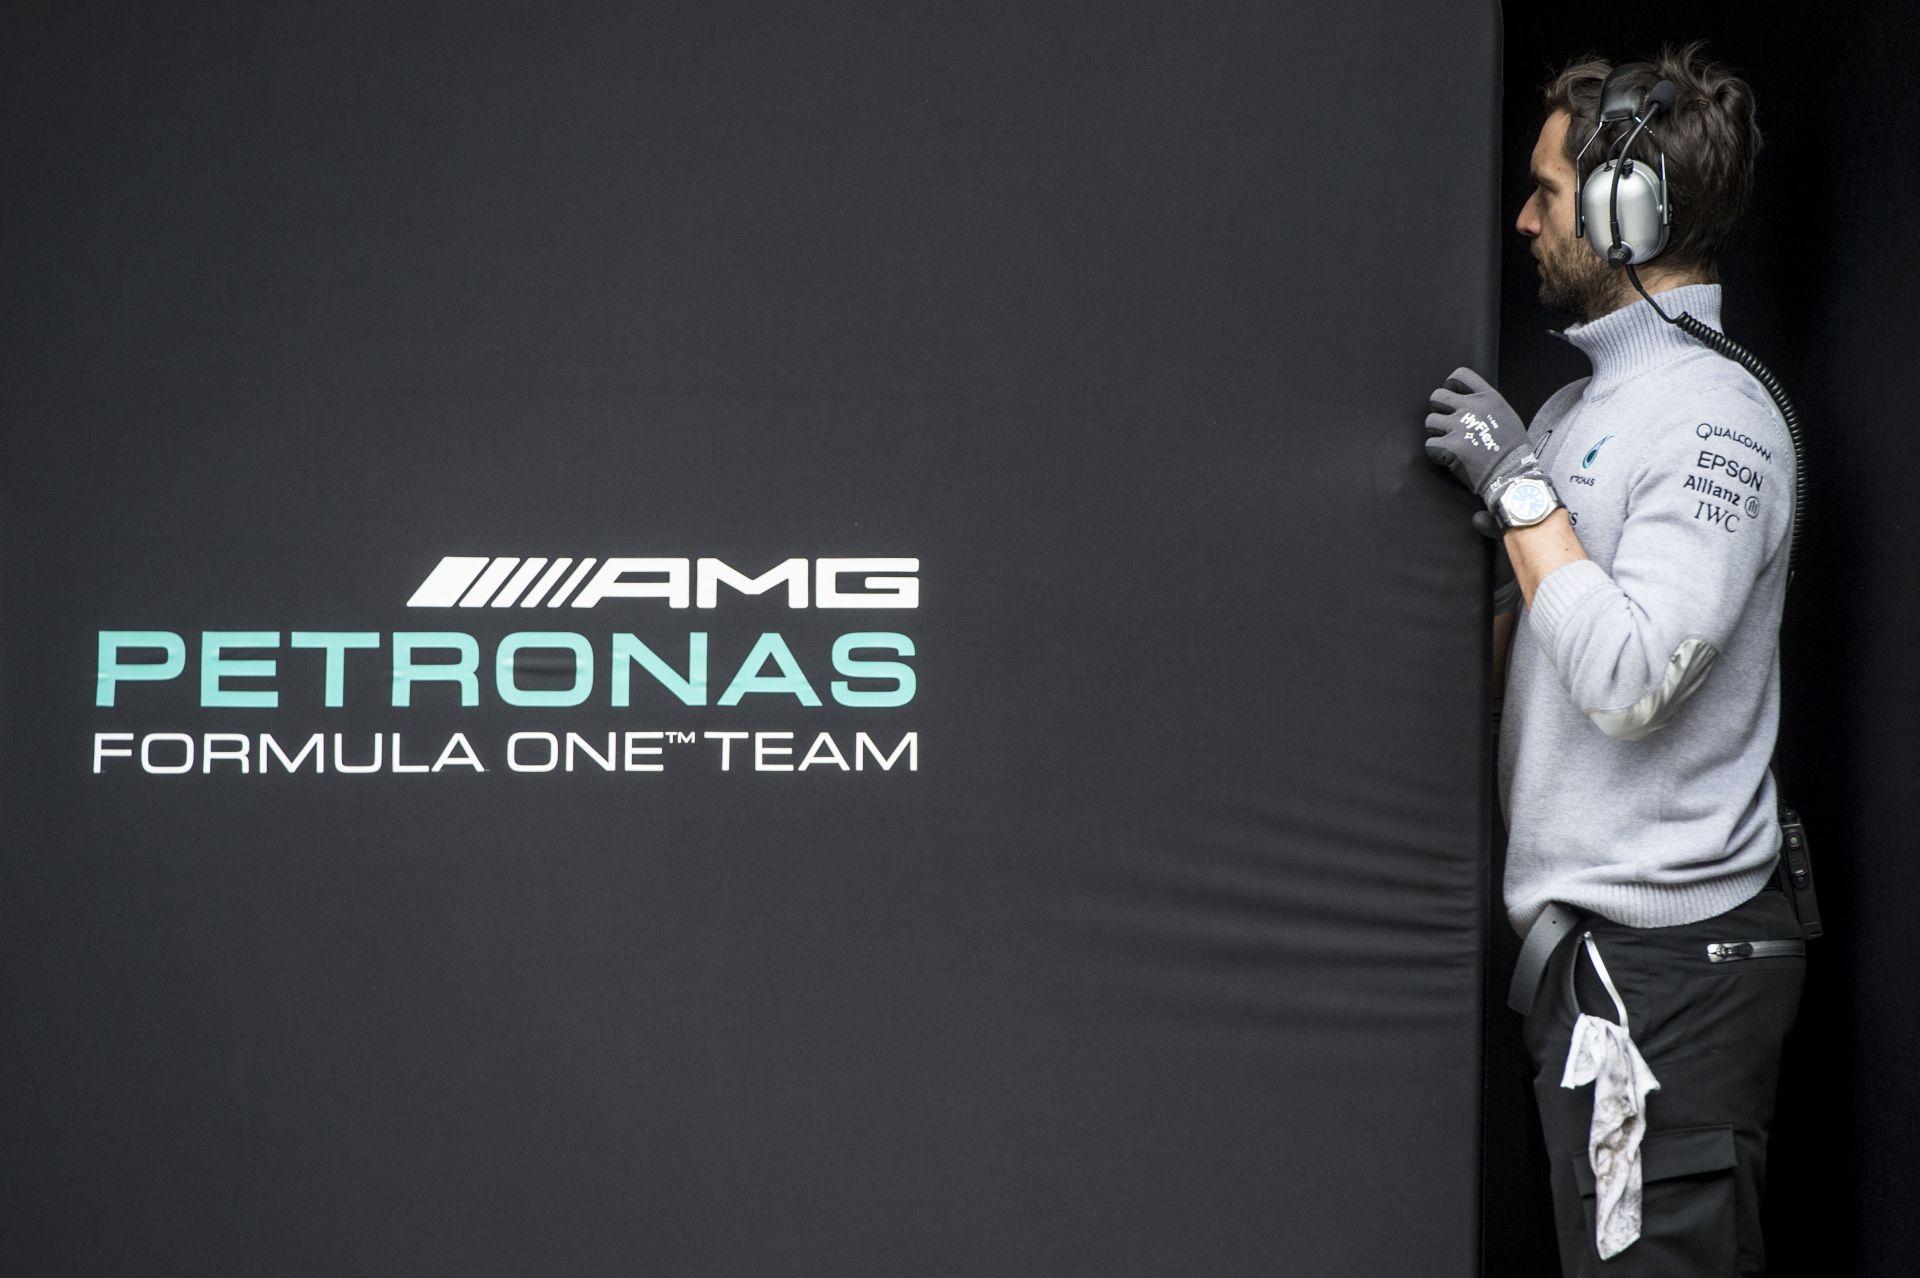 Wolff kicsit máshogy emlékszik az Alonso-Hamilton helycserés sztorira